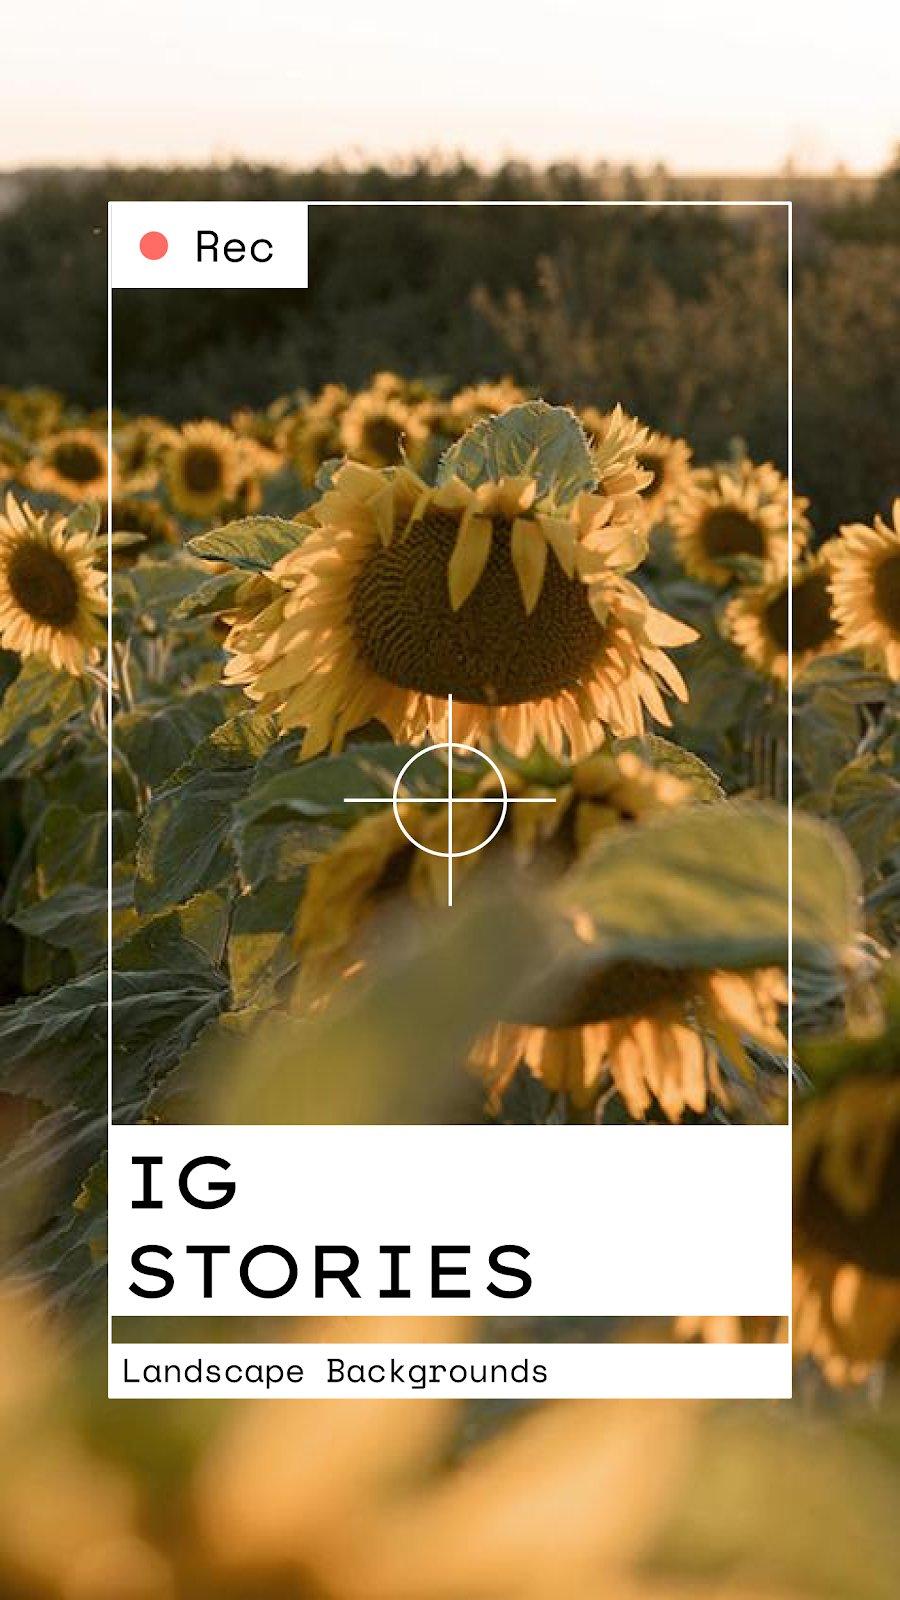 IG Stories Landscape Backgrounds presentation template